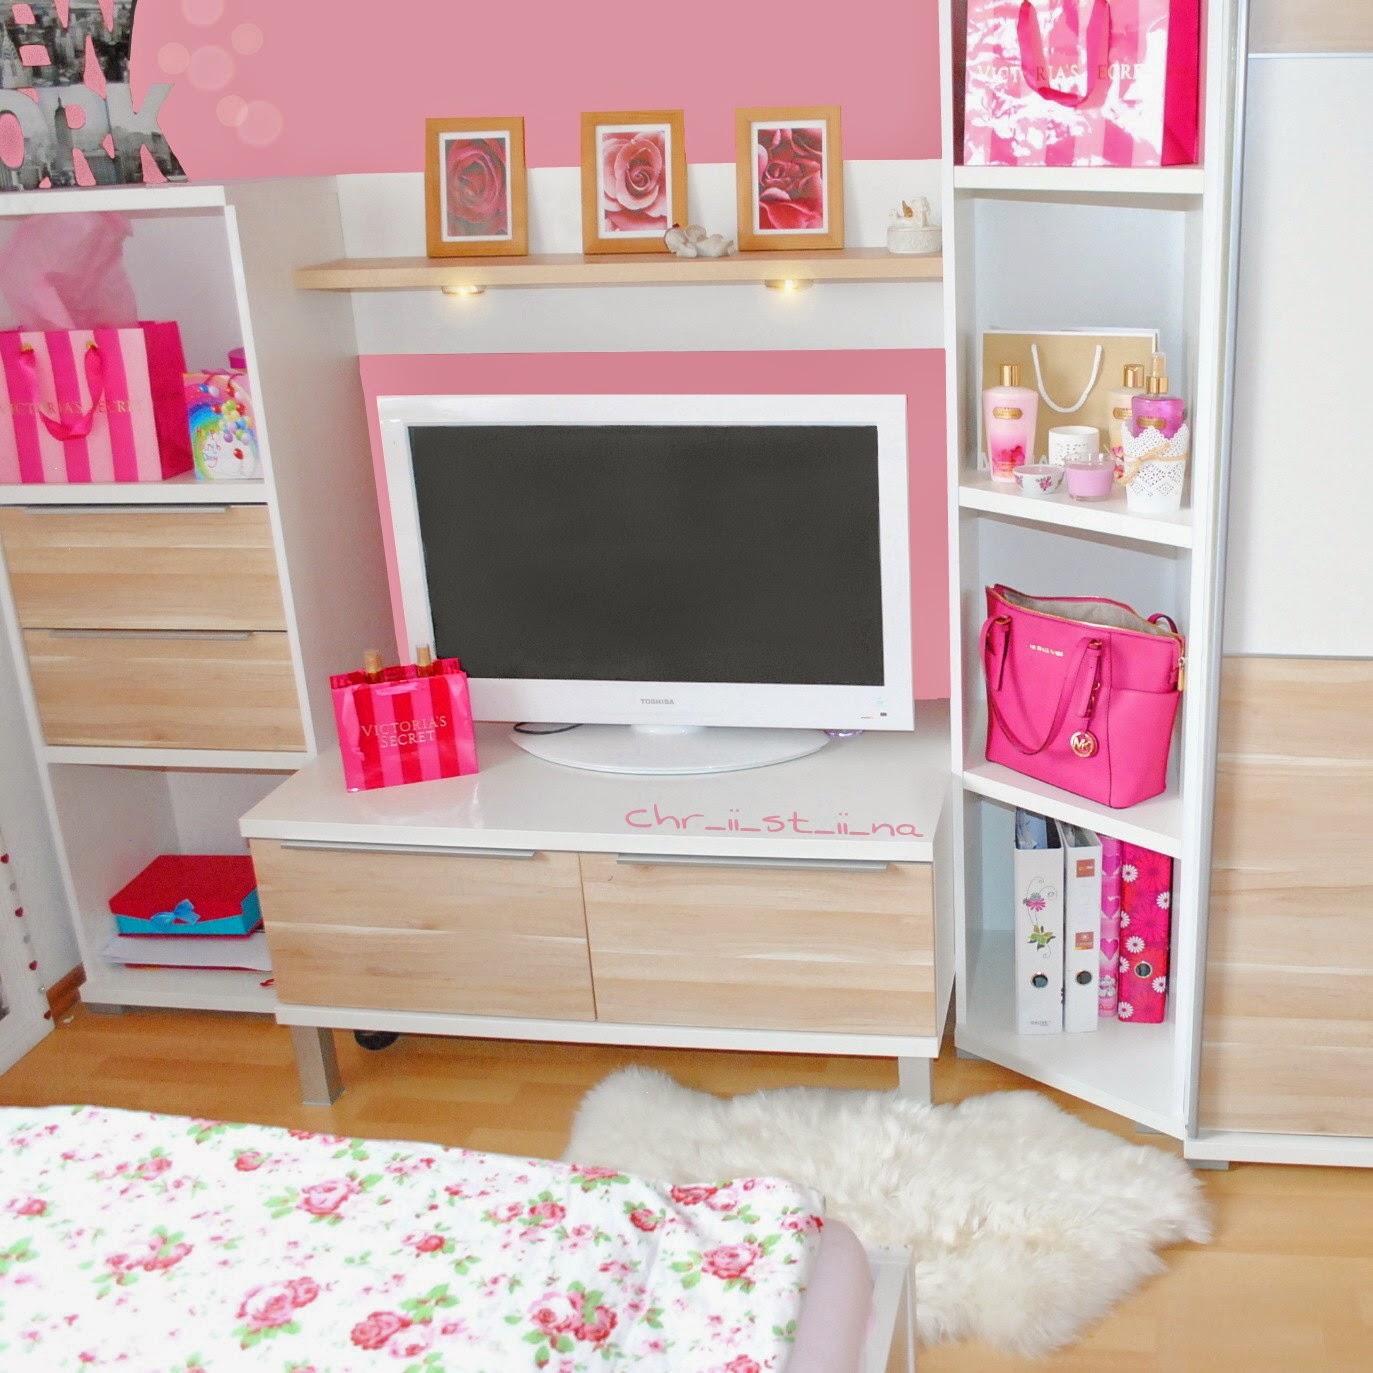 Chr_ii_st_ii_na: My Room